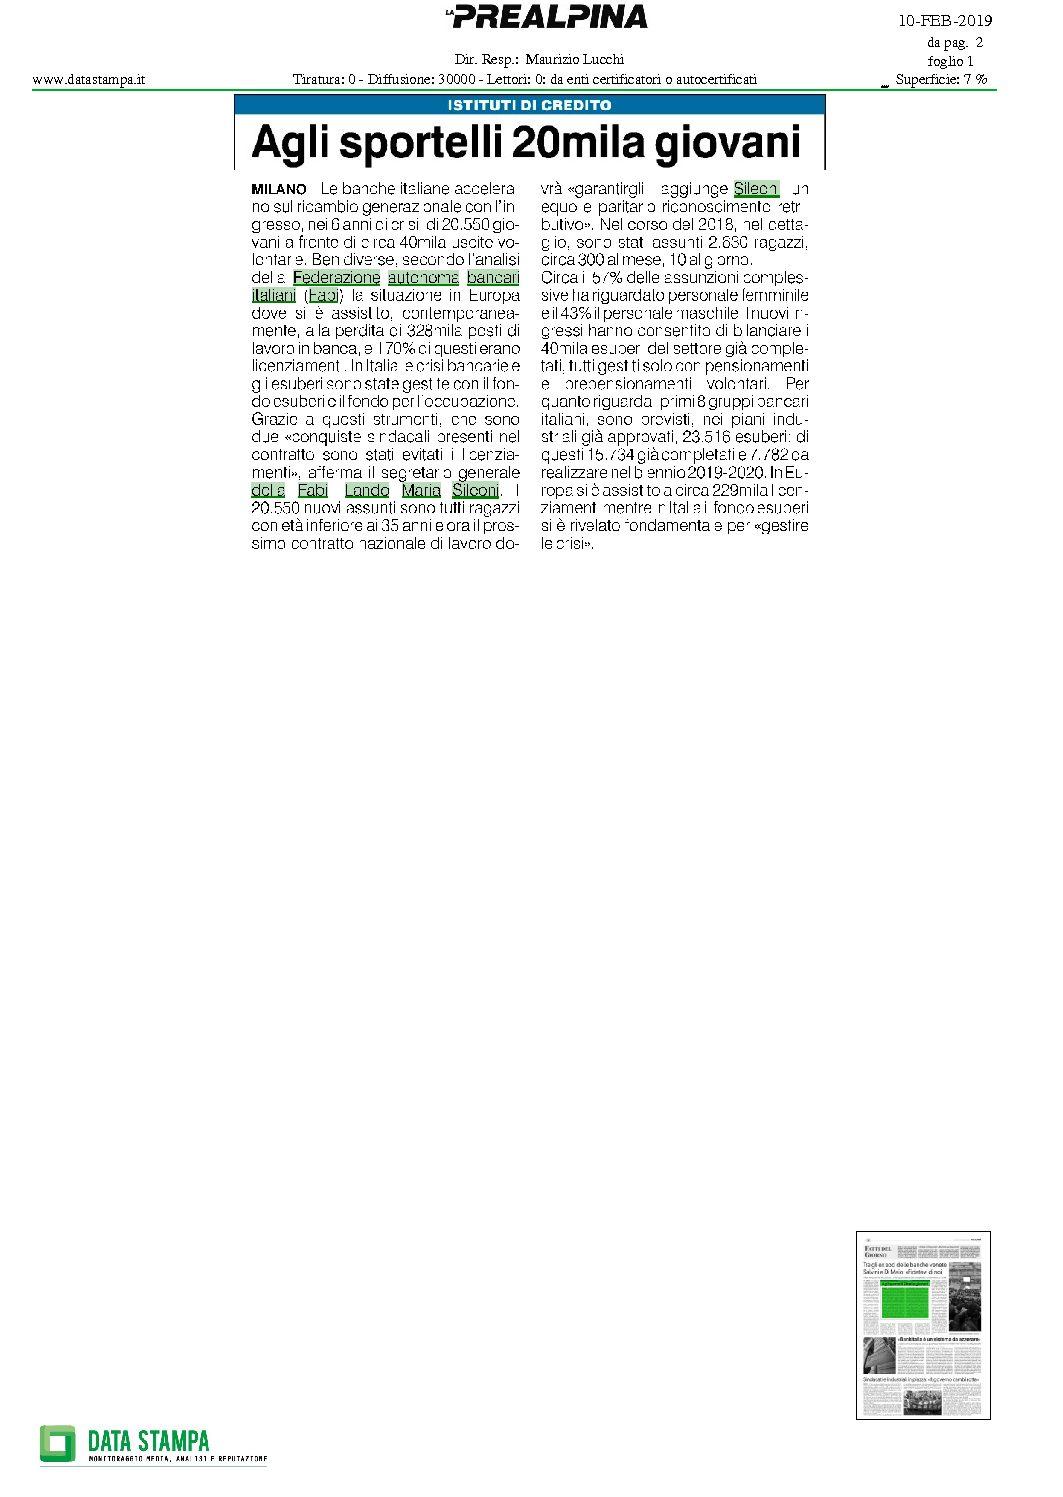 PREALPINA_100219_PDF